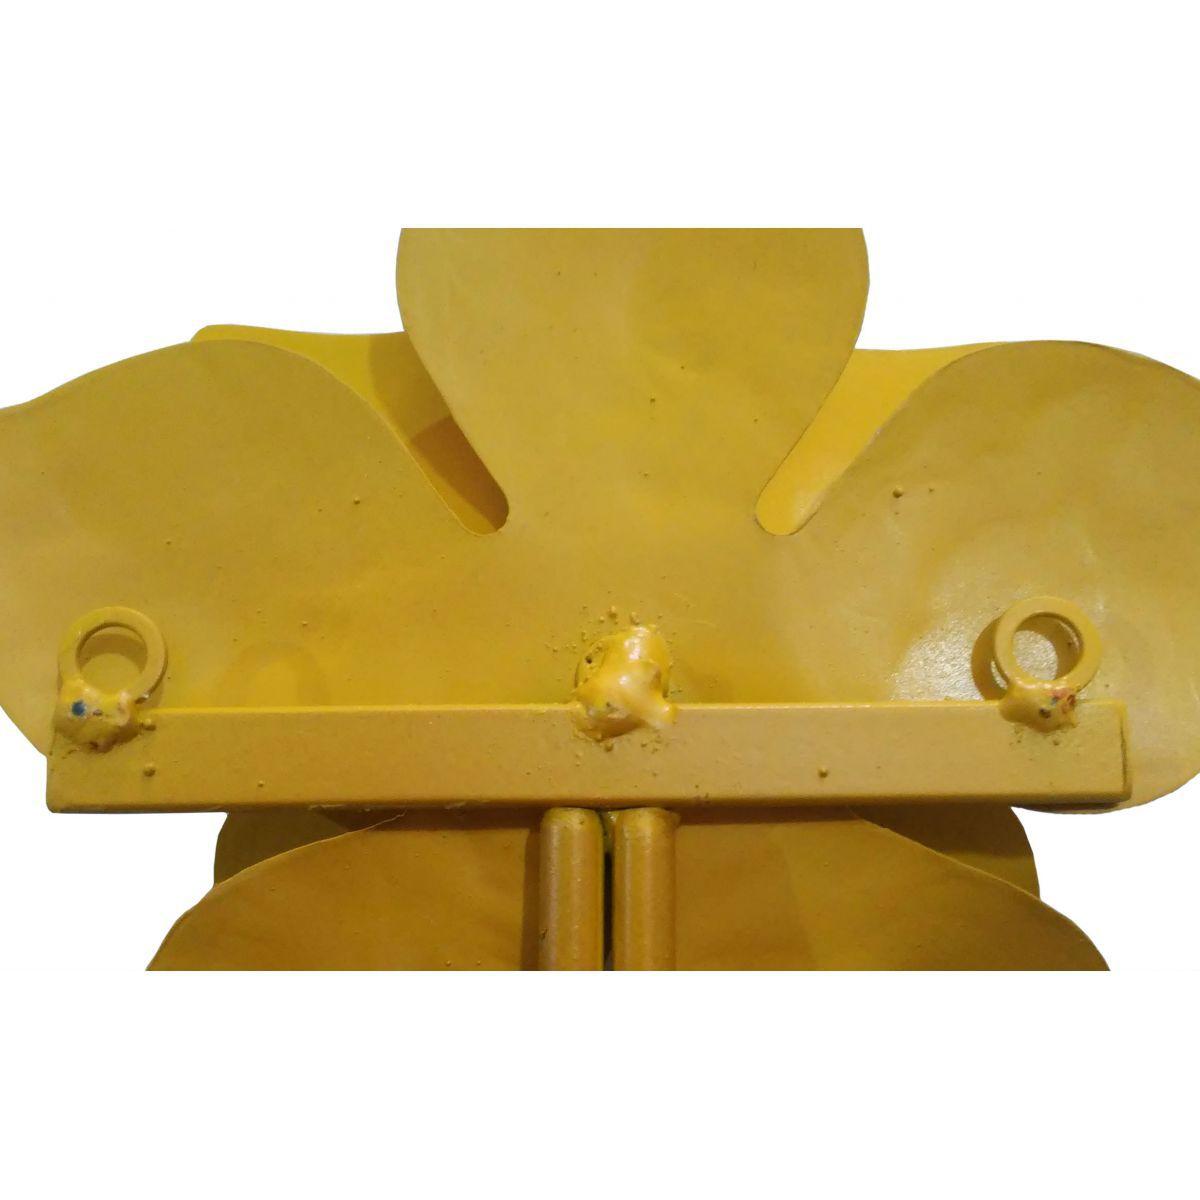 Gancho de Parede de Ferro para Quarto Artesanal Flor Rústico Ferro e Lata